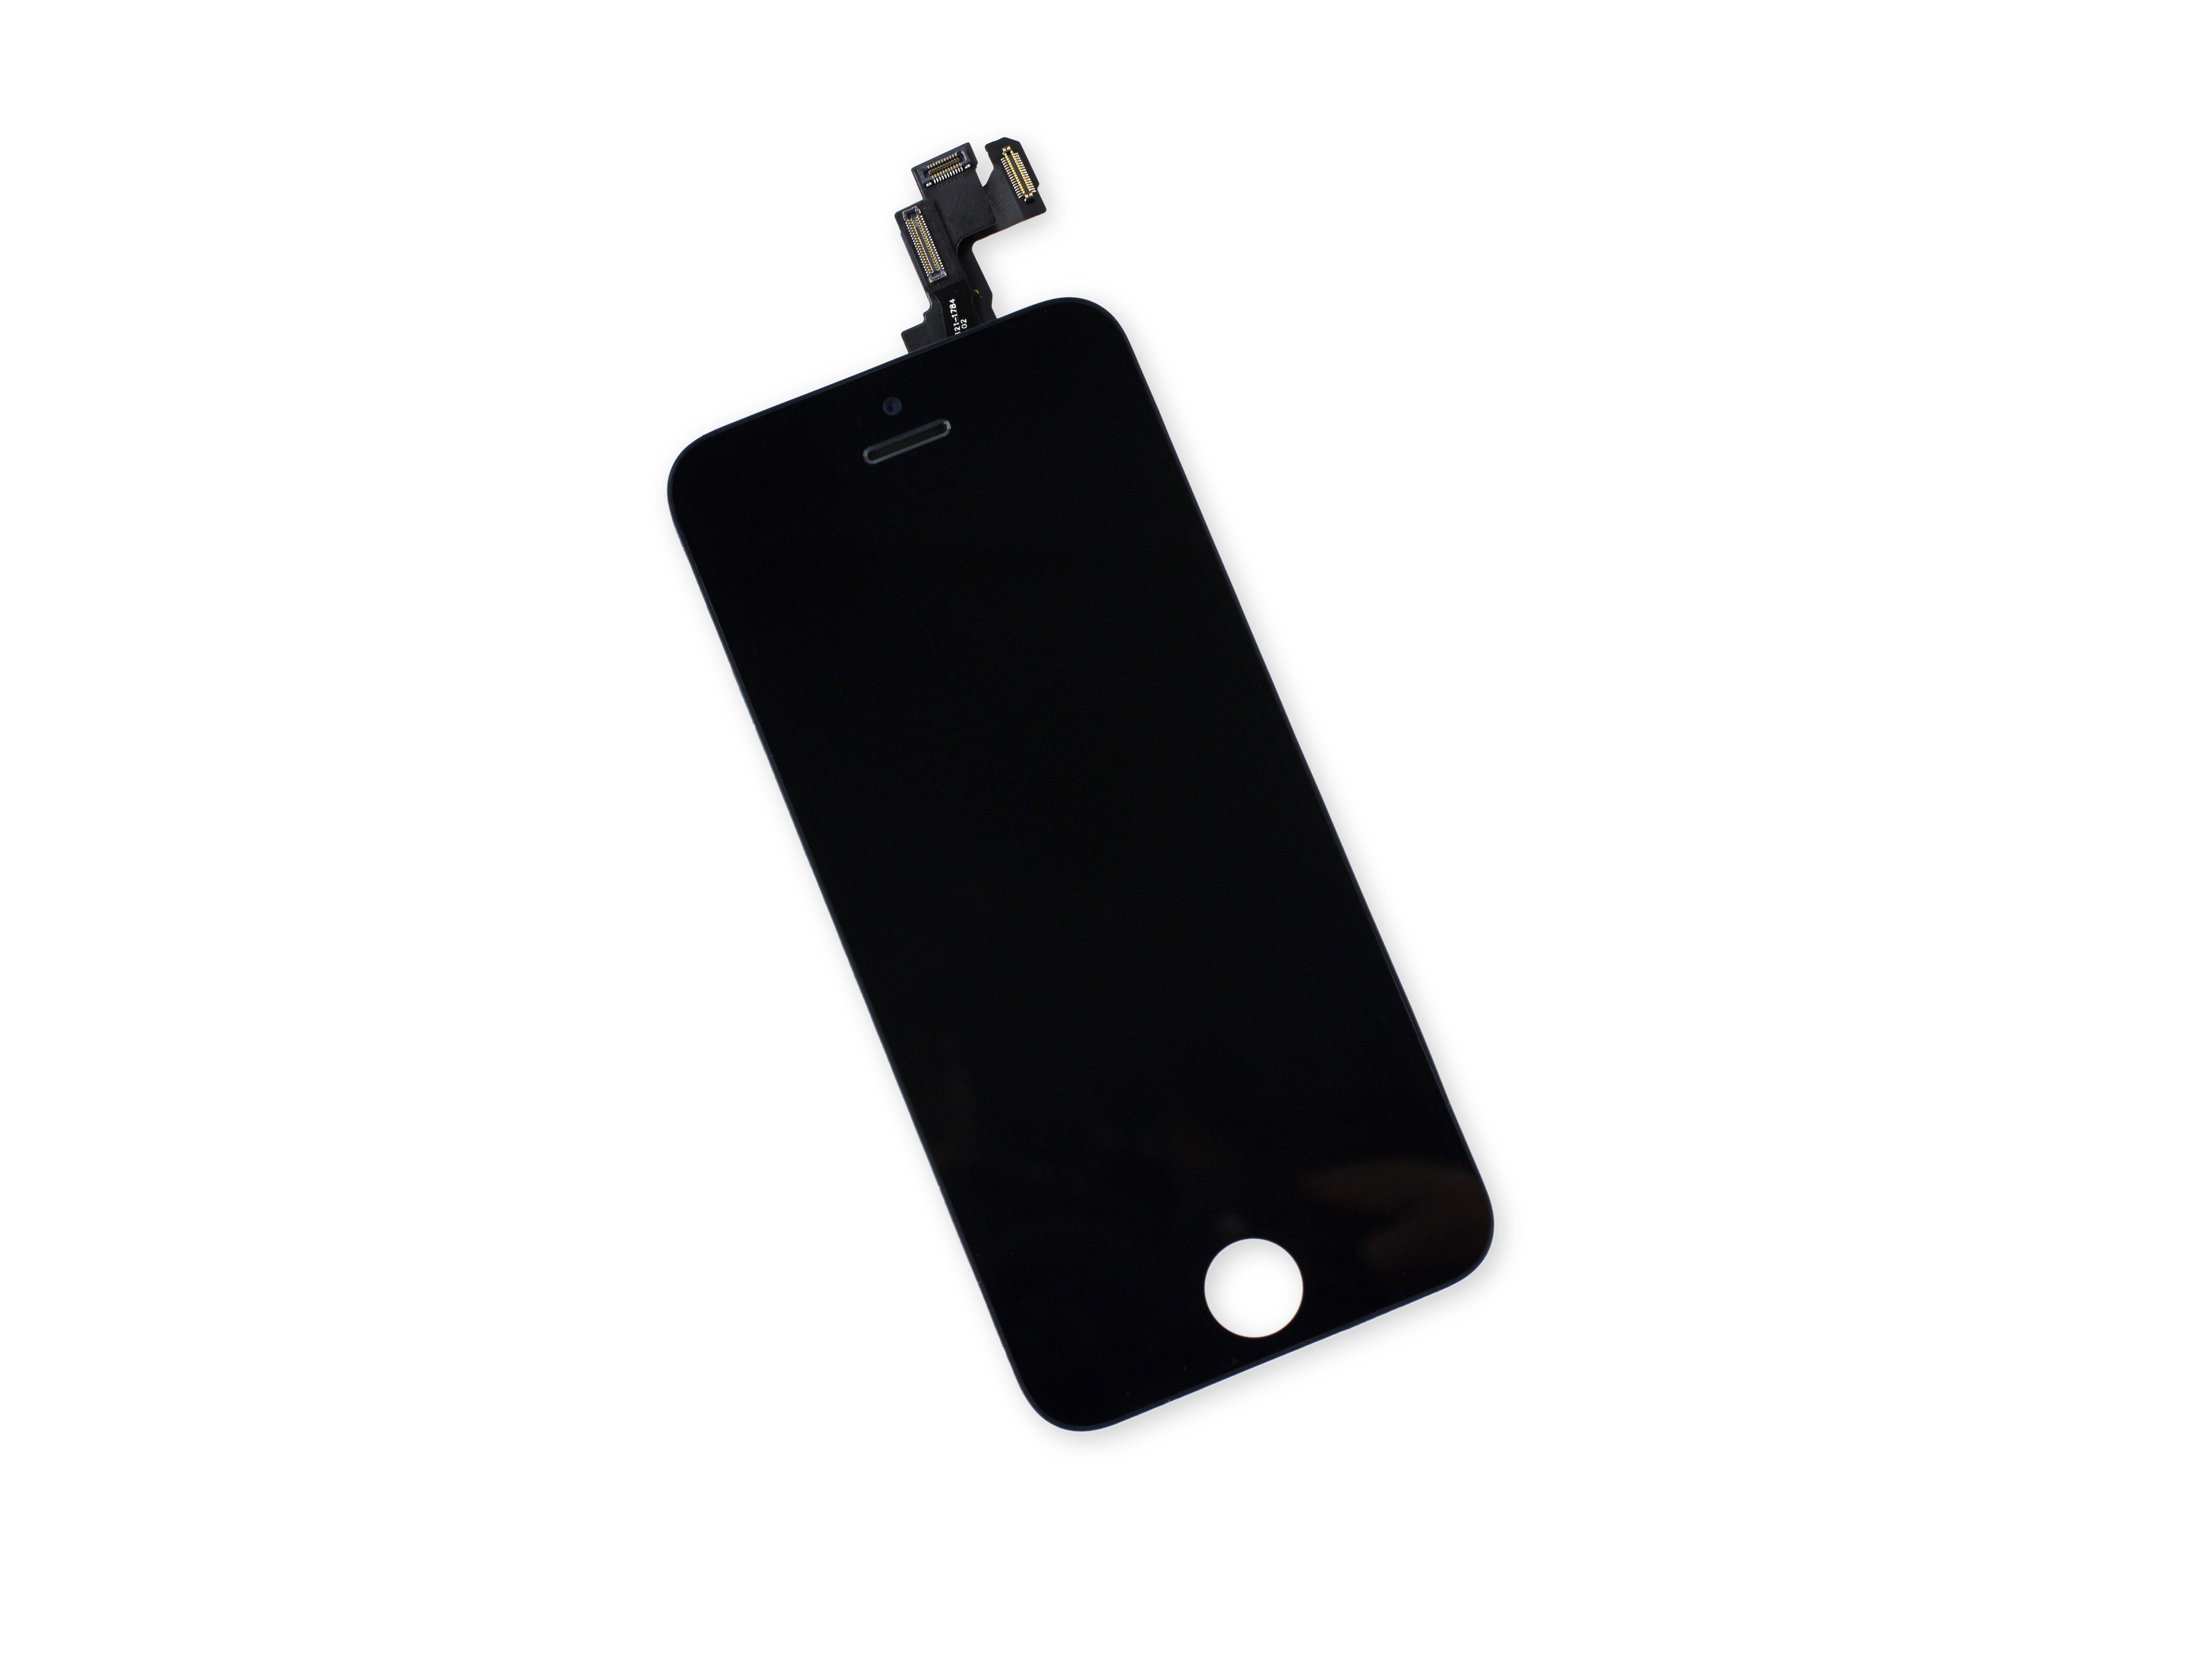 bb4aa7ee889 Sostituzione schermo dell'iPhone SE - iFixit Repair Guide